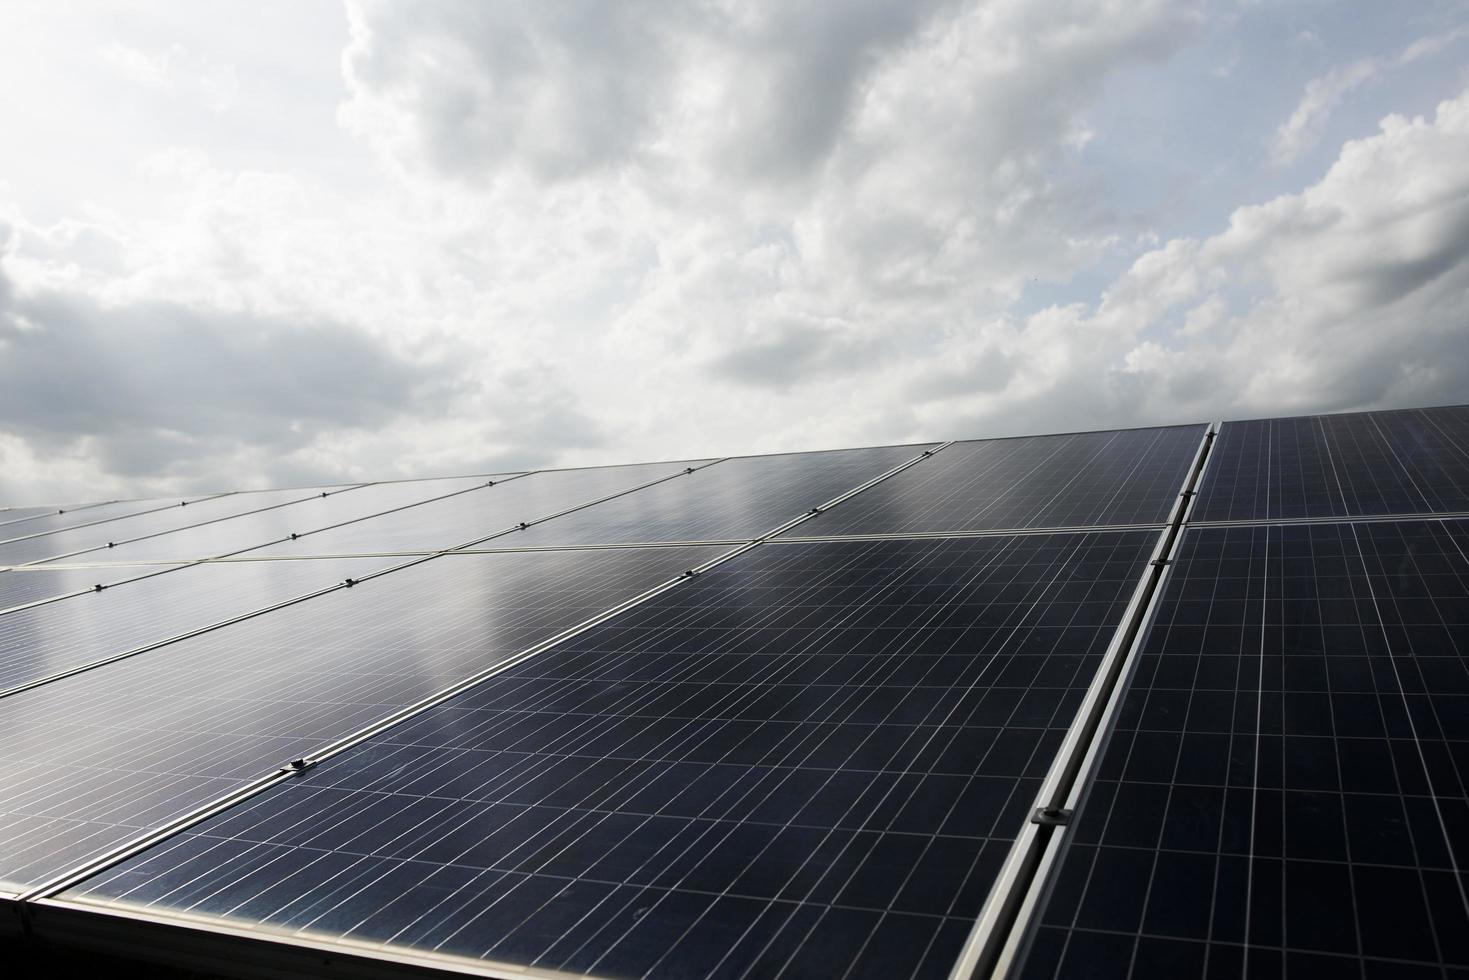 centrale électrique de ferme de cellules solaires photo